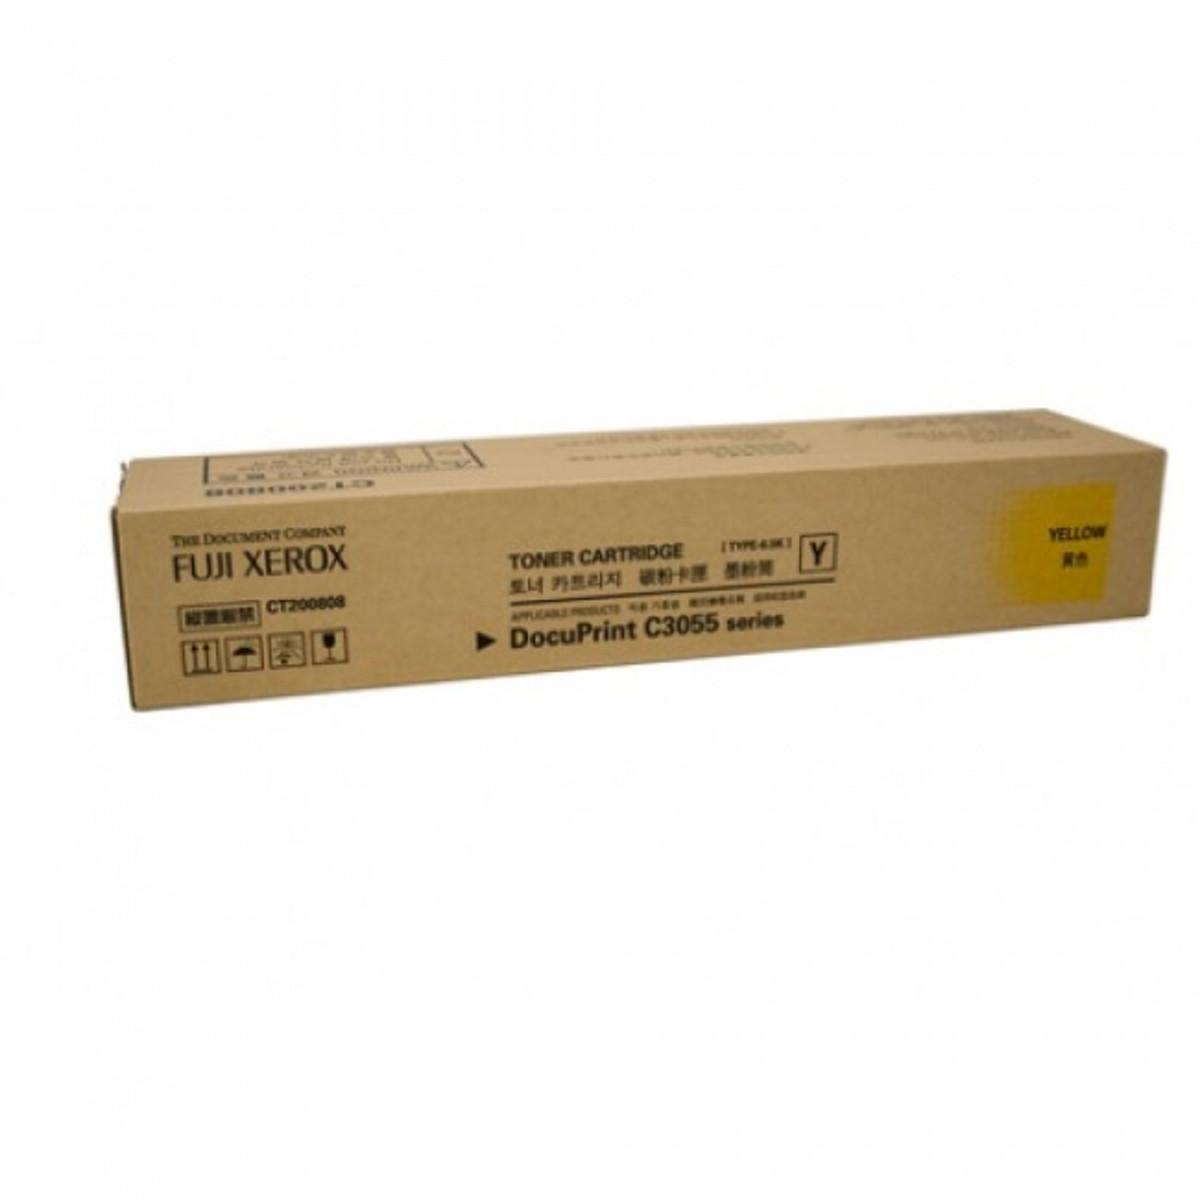 Xerox CT200808 Yellow Toner Cartridge